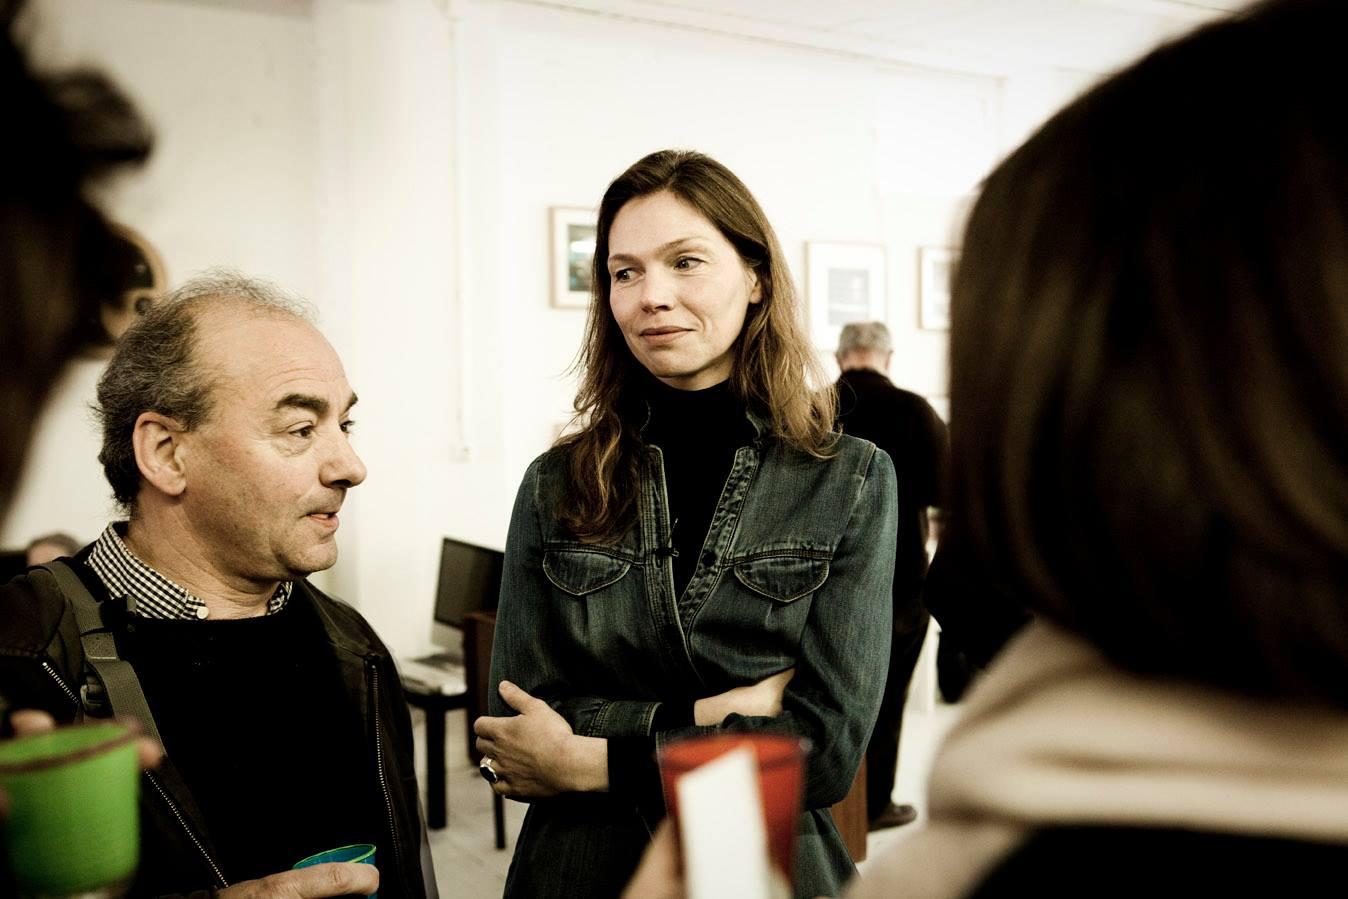 Agnes-Claret-Tournier reveil creatif_15